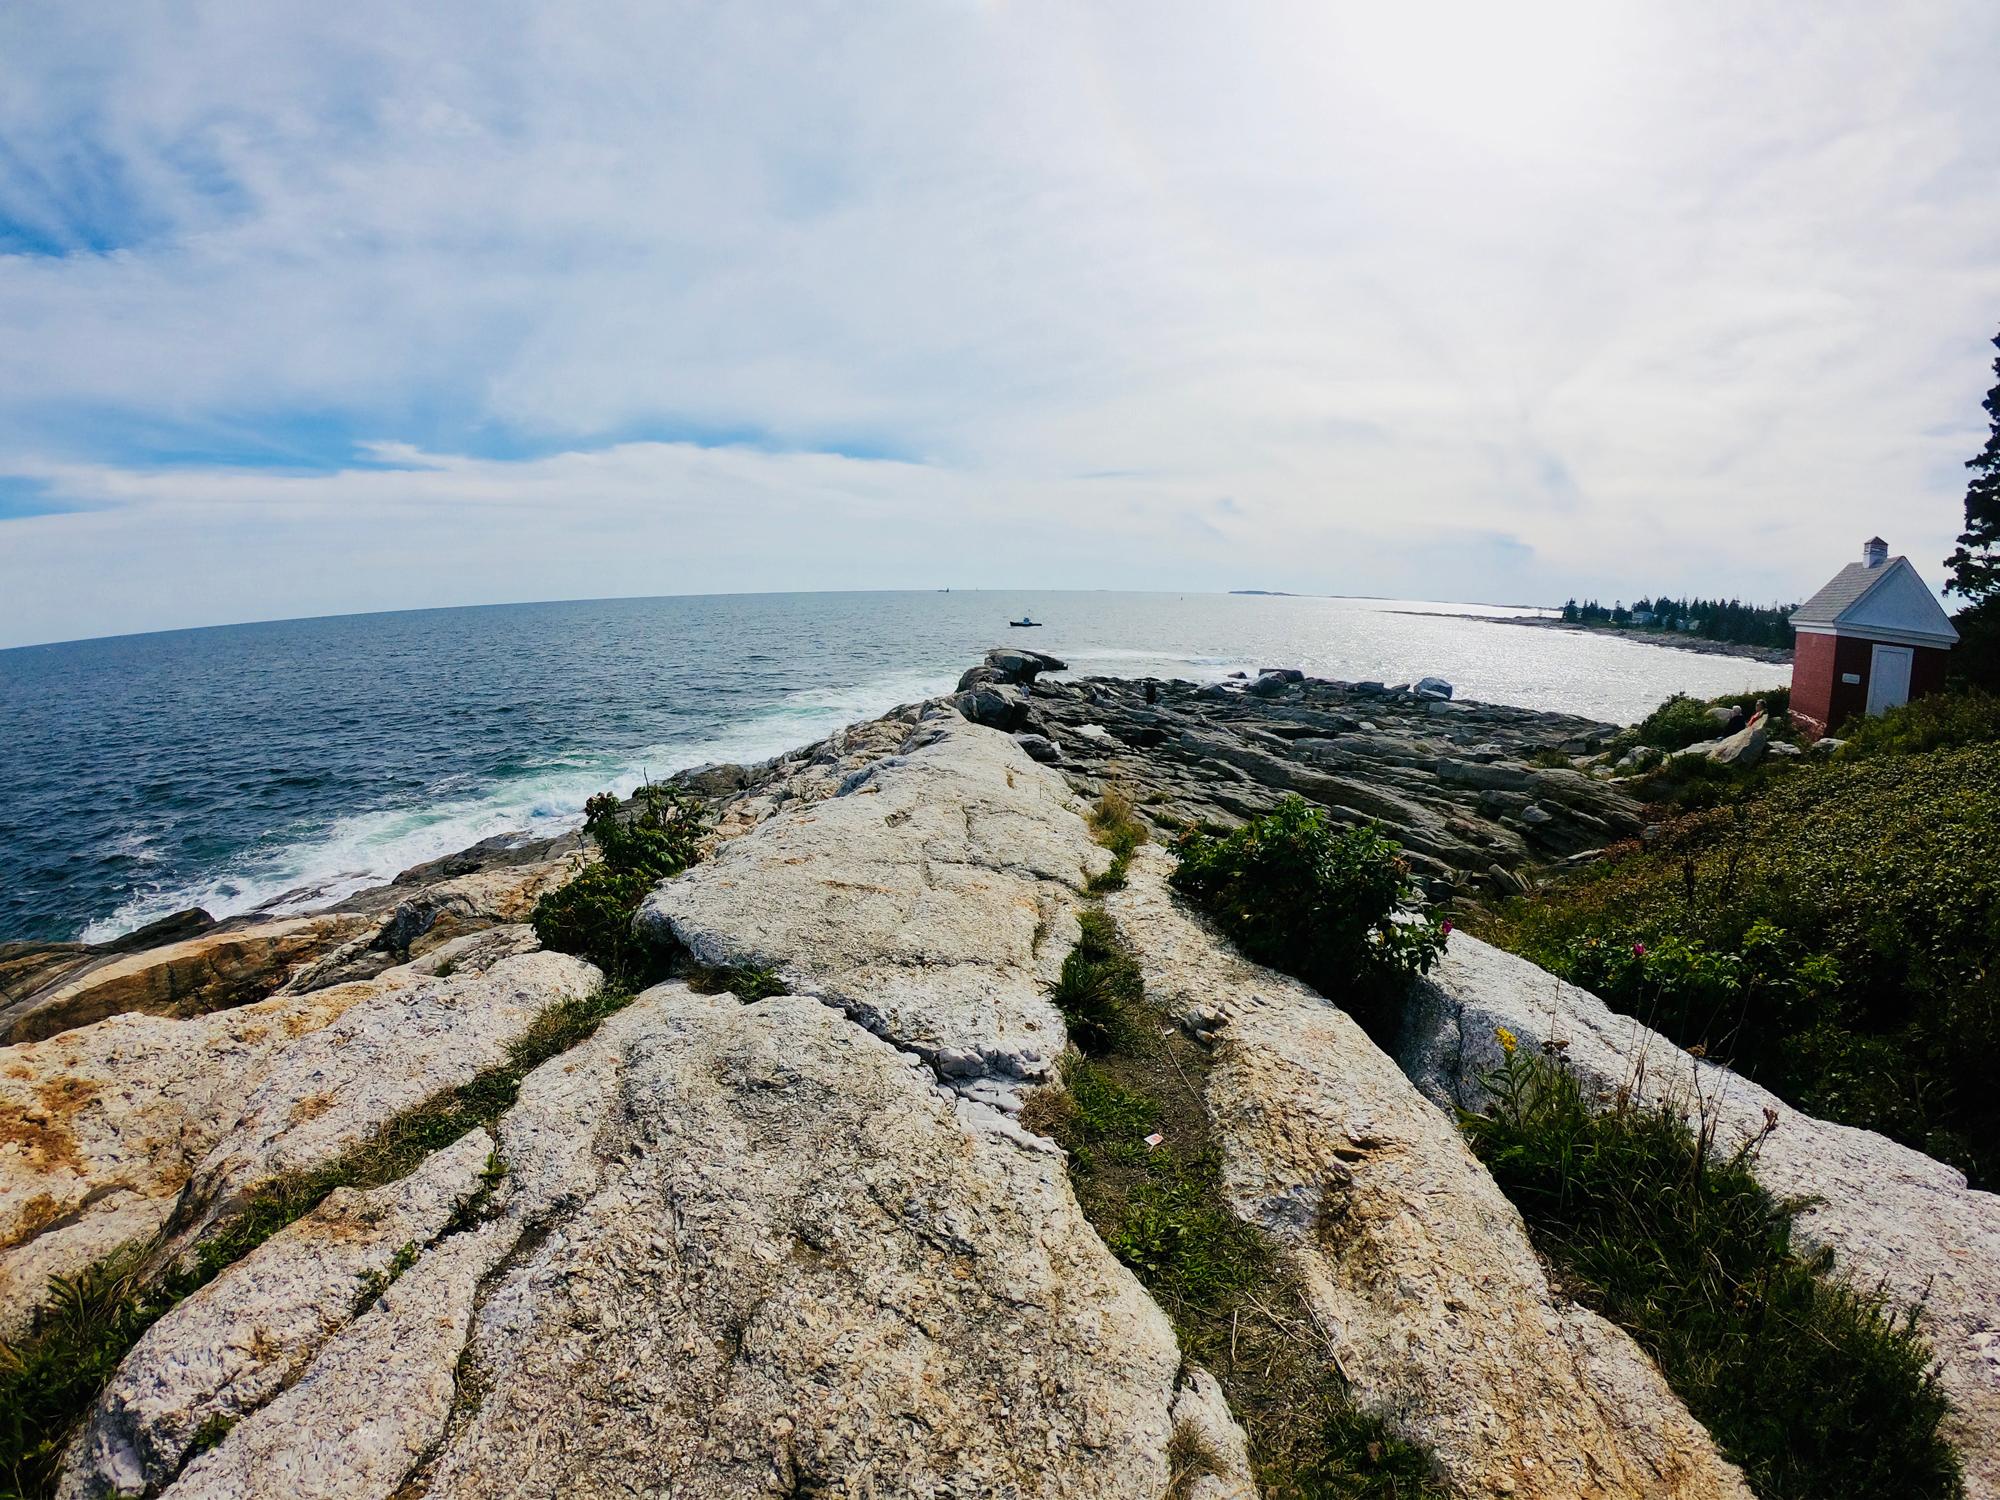 Rocky shoreline of Pemquid Point Lighthouse Park in Bristol, Maine